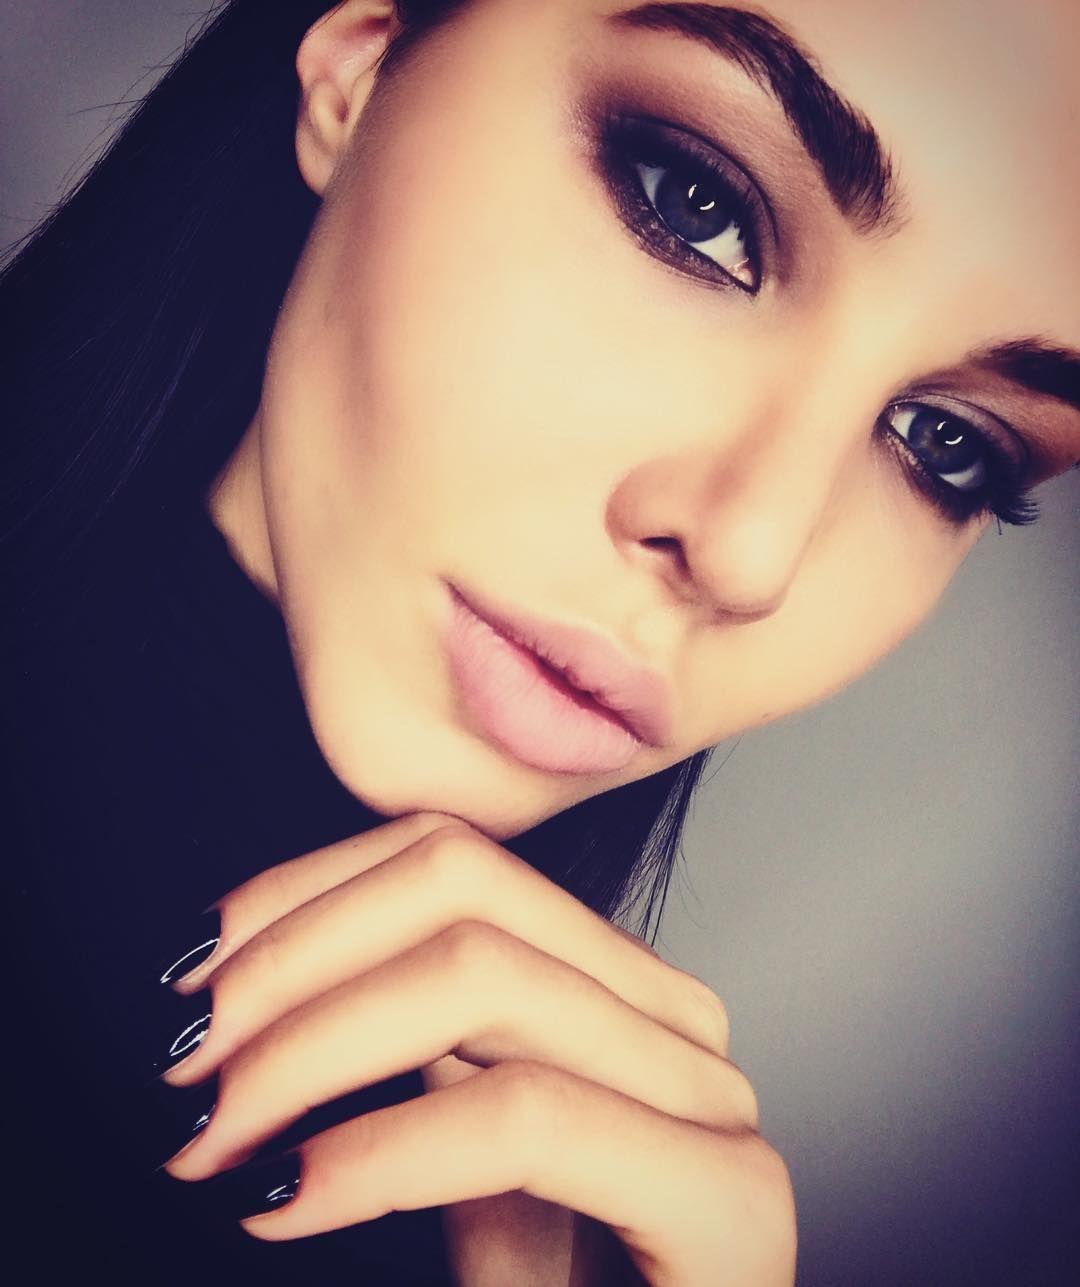 Regardez cette photo Instagram de @volkonskaya_reshetova • 21.5 k J'aime